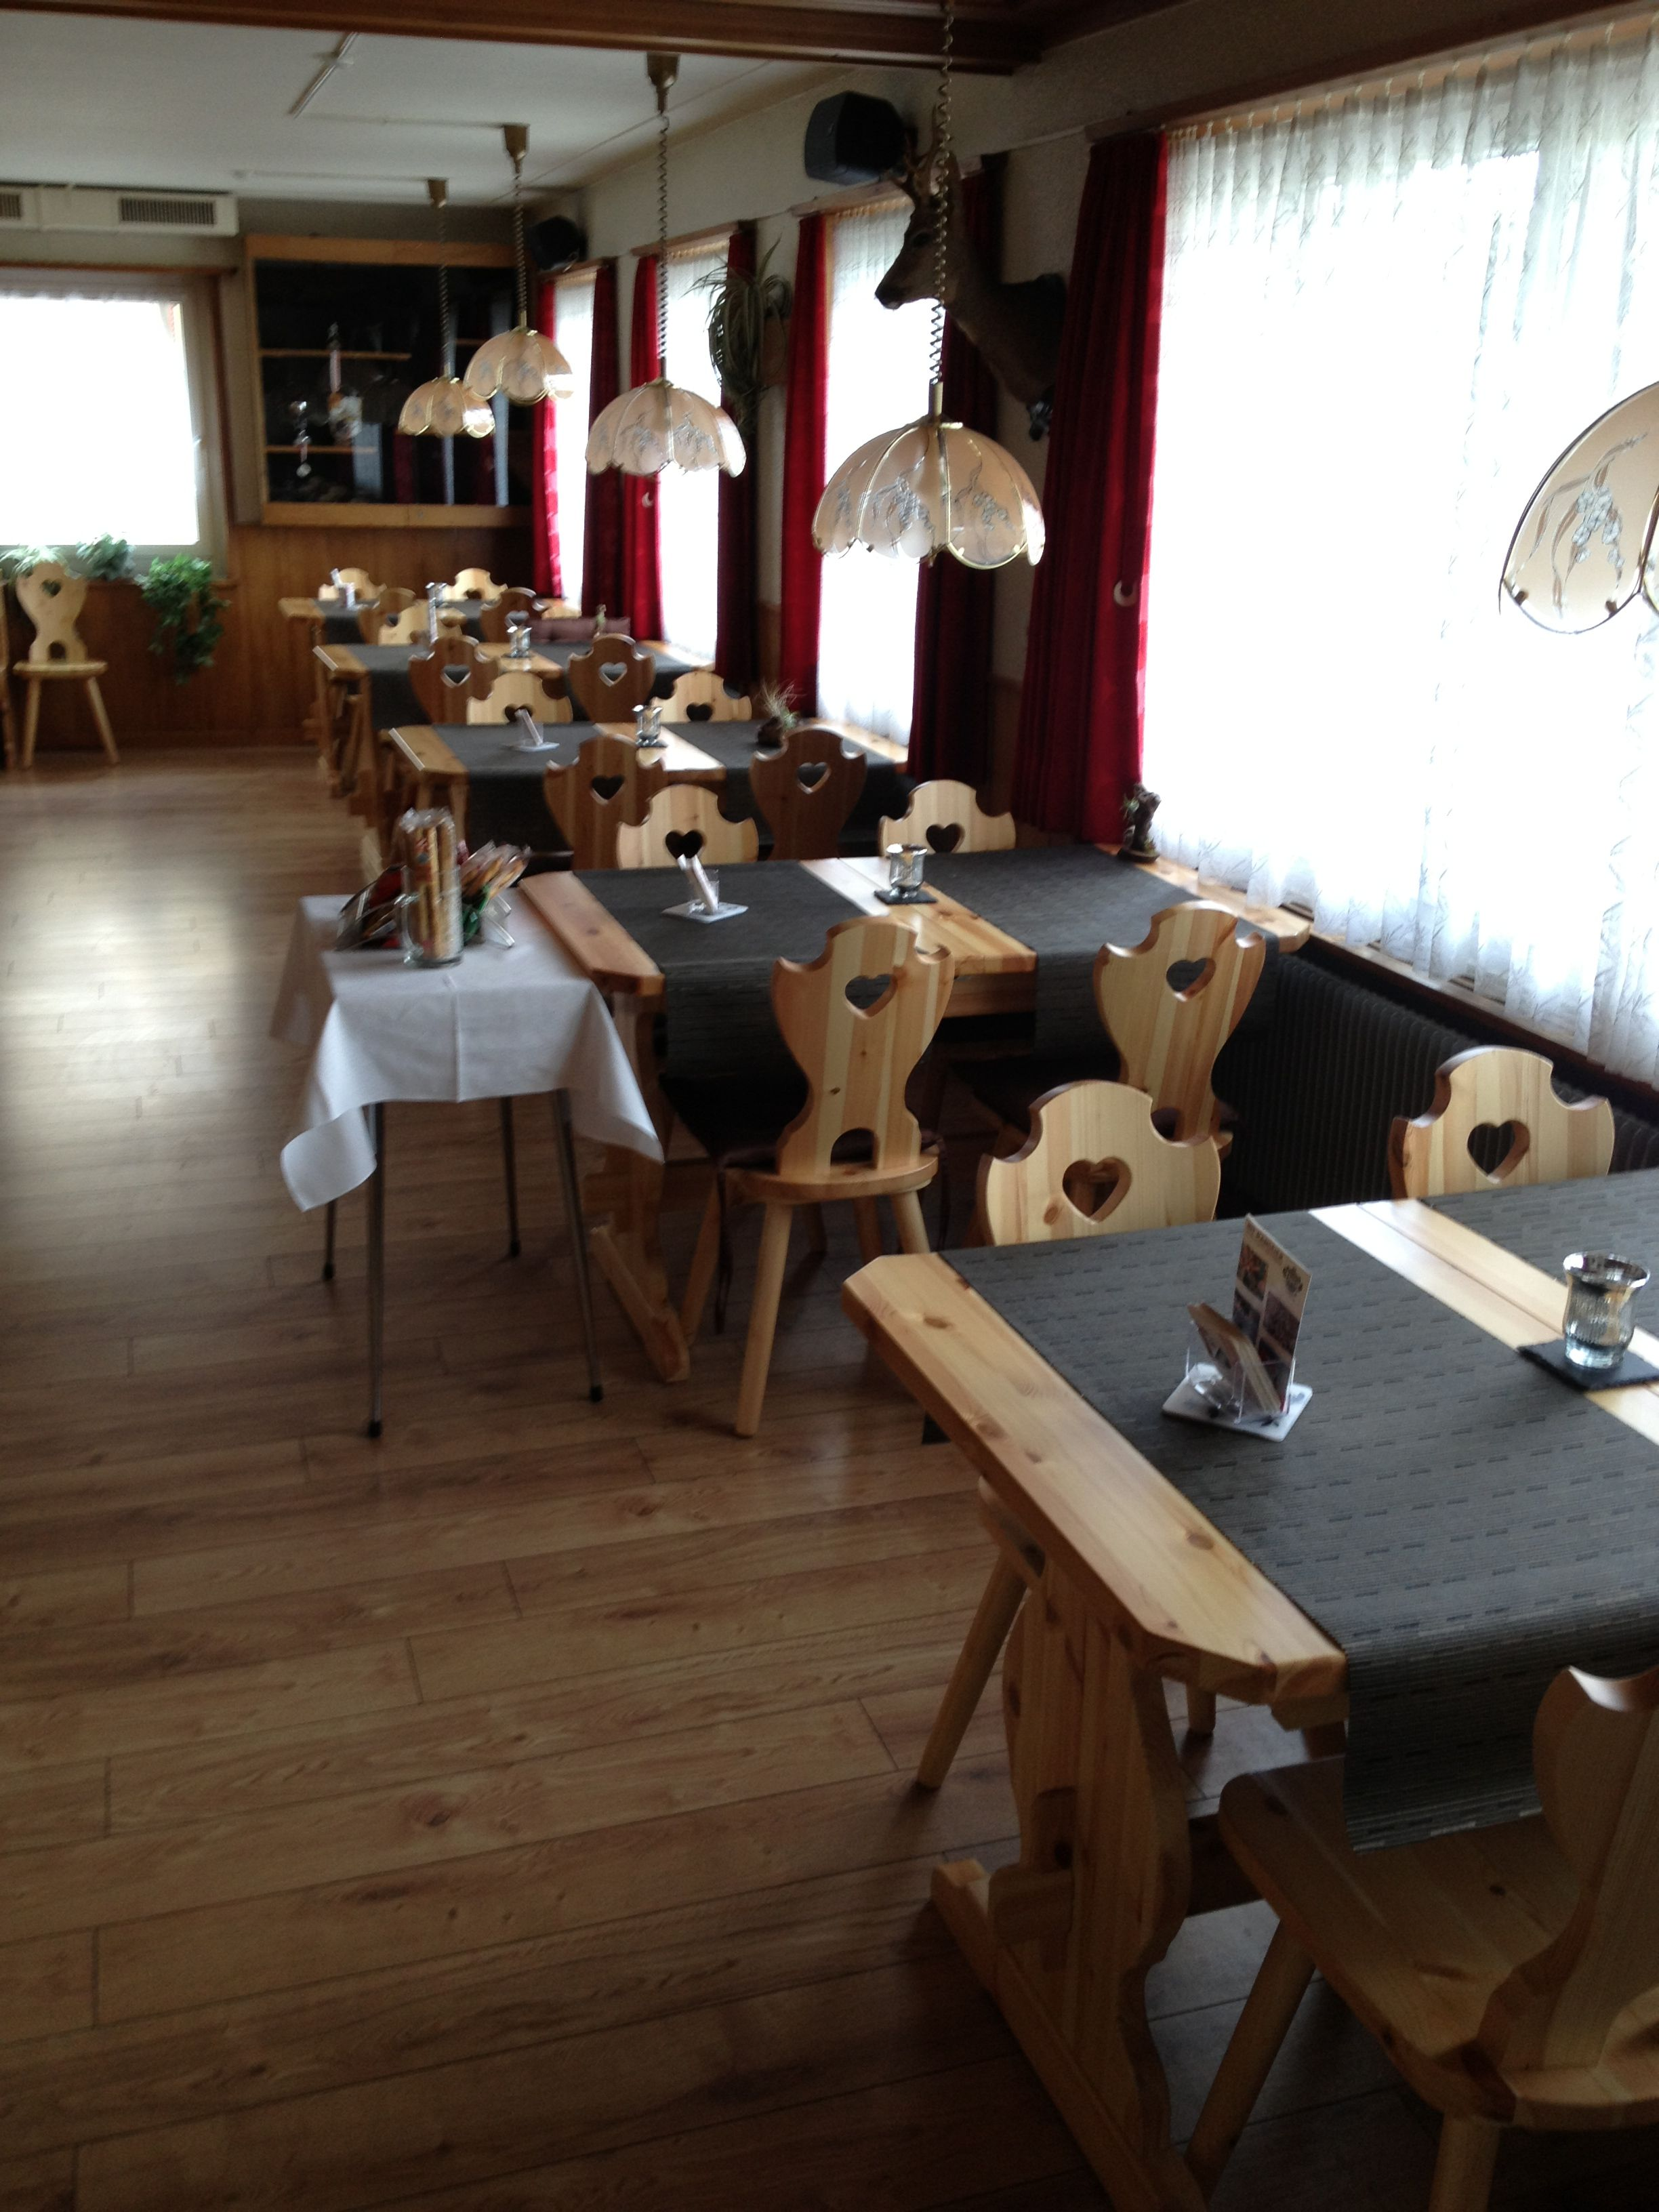 Arredo rustico con sedia cuore e tavolo fratino l for Ambiente rustico